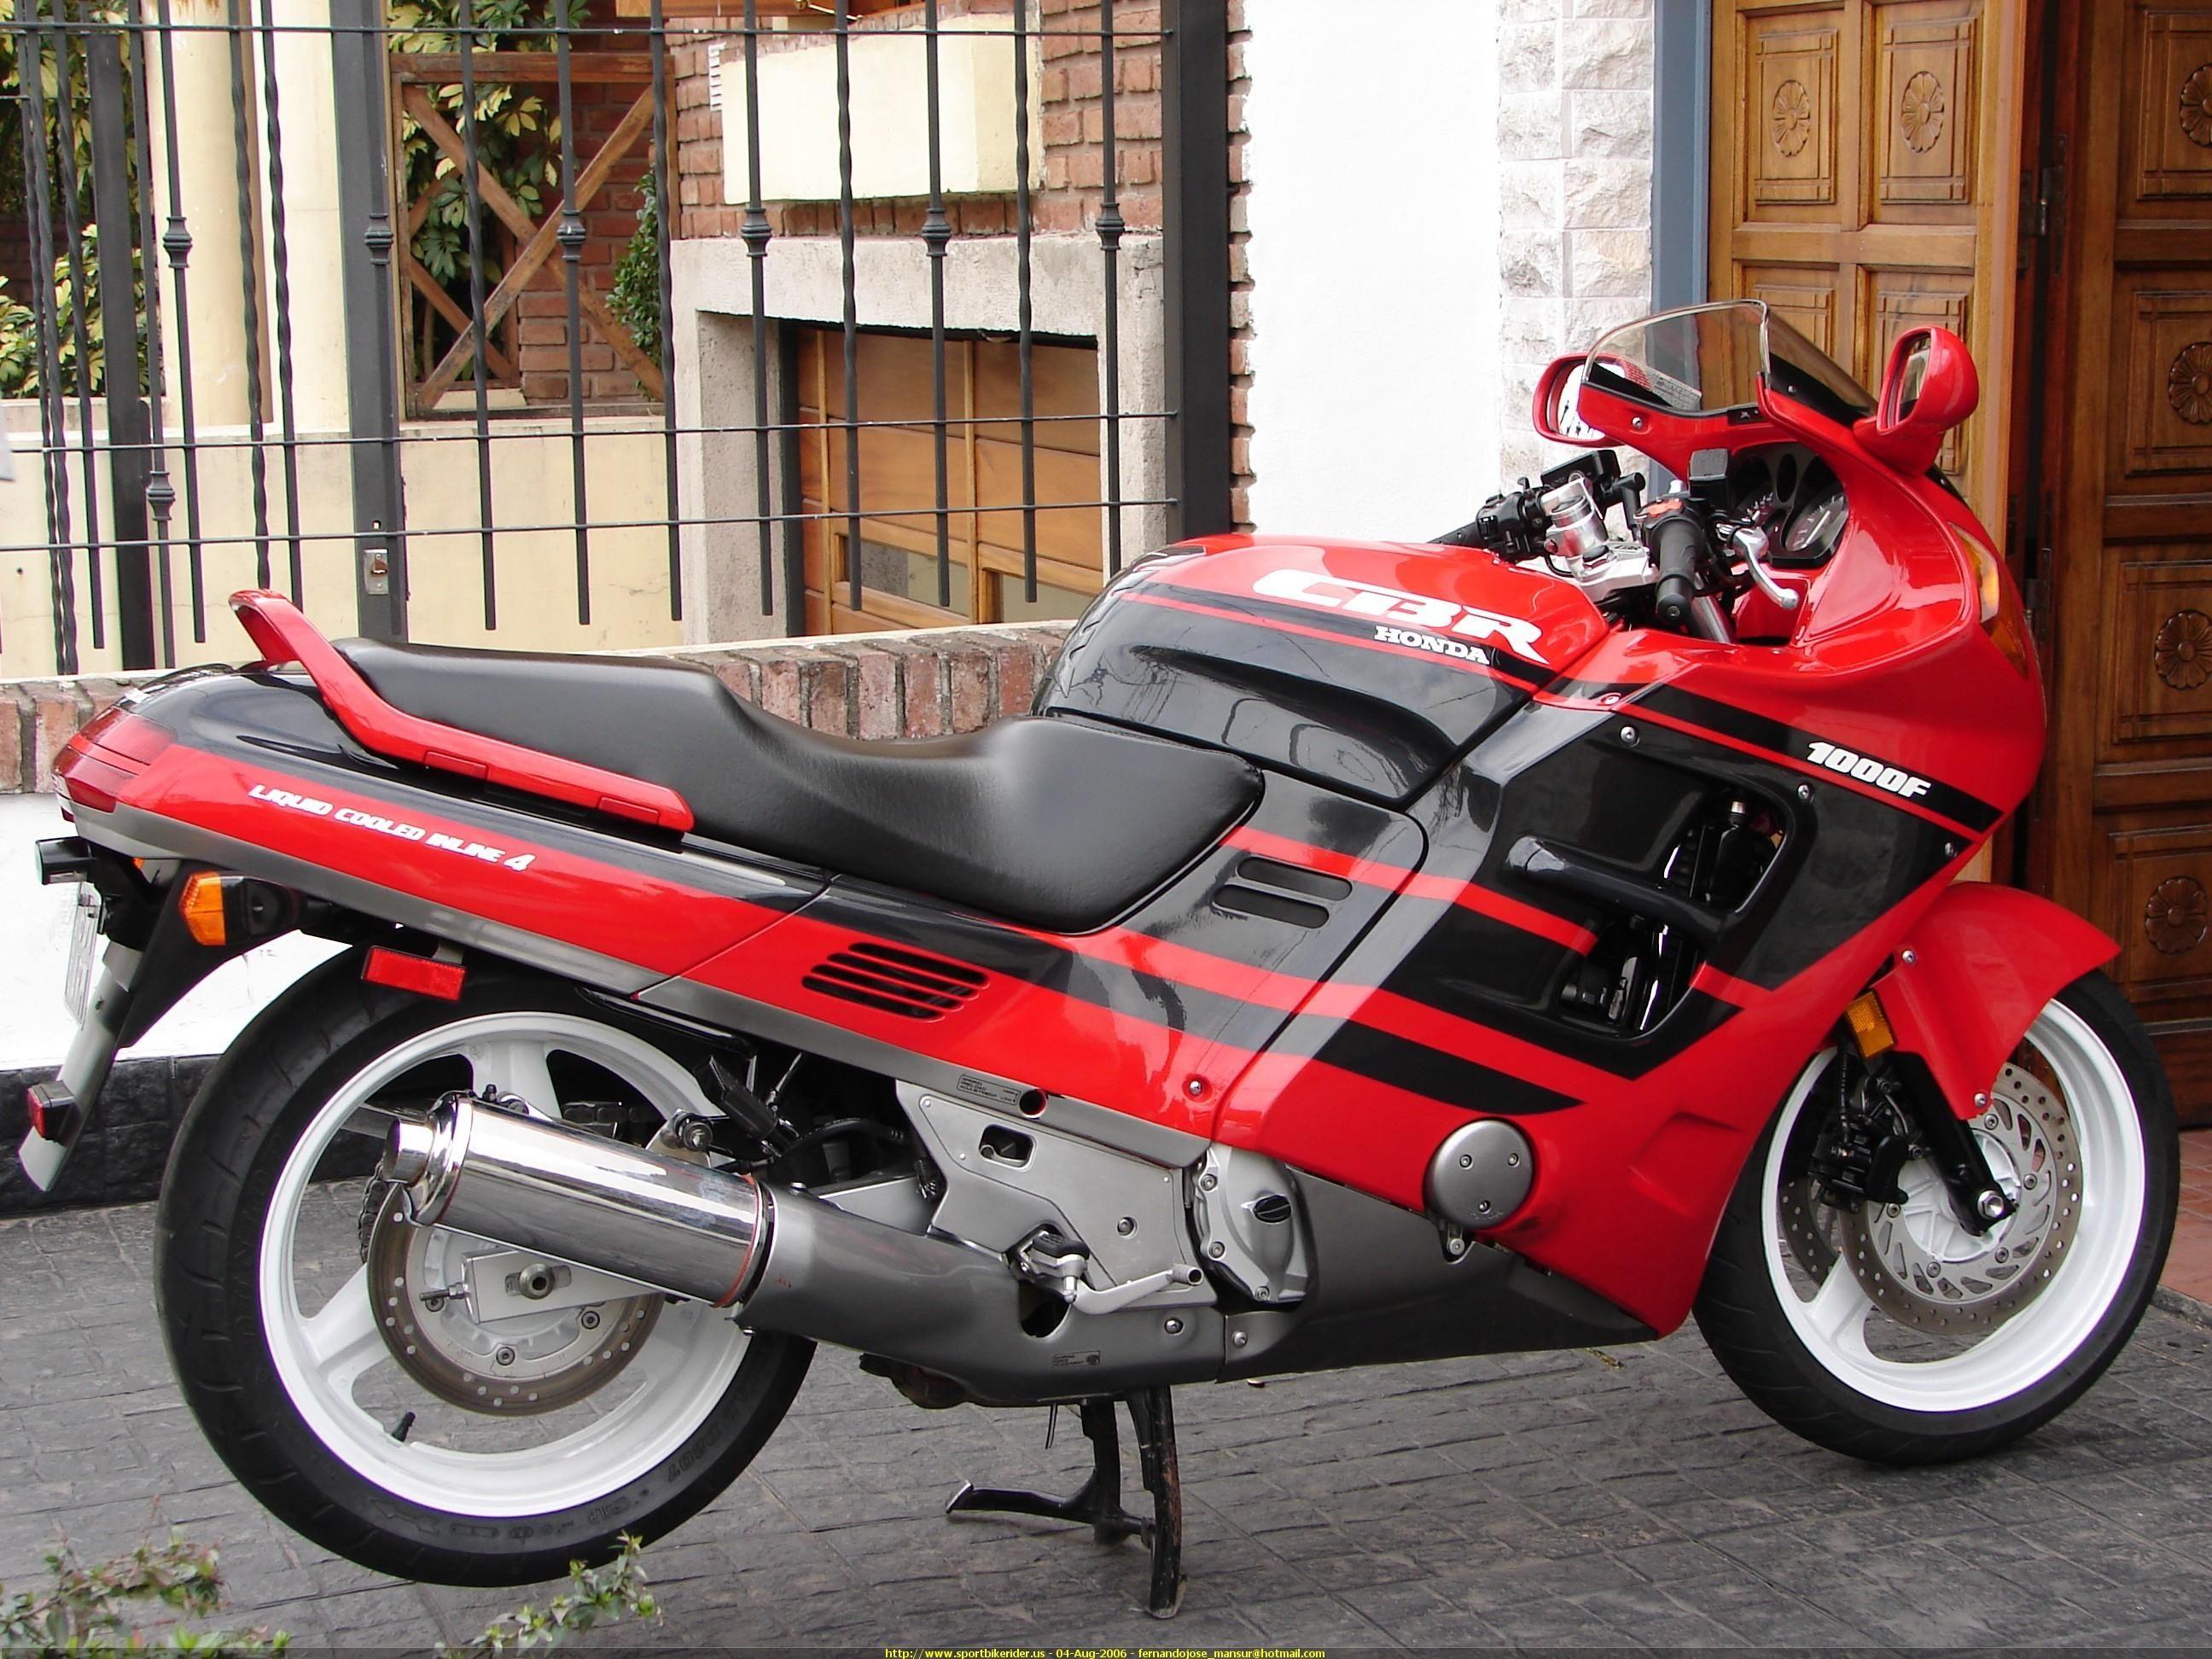 1991 Honda Cbr 1000 F Honda Sport Bikes Honda Bikes Honda Cbr